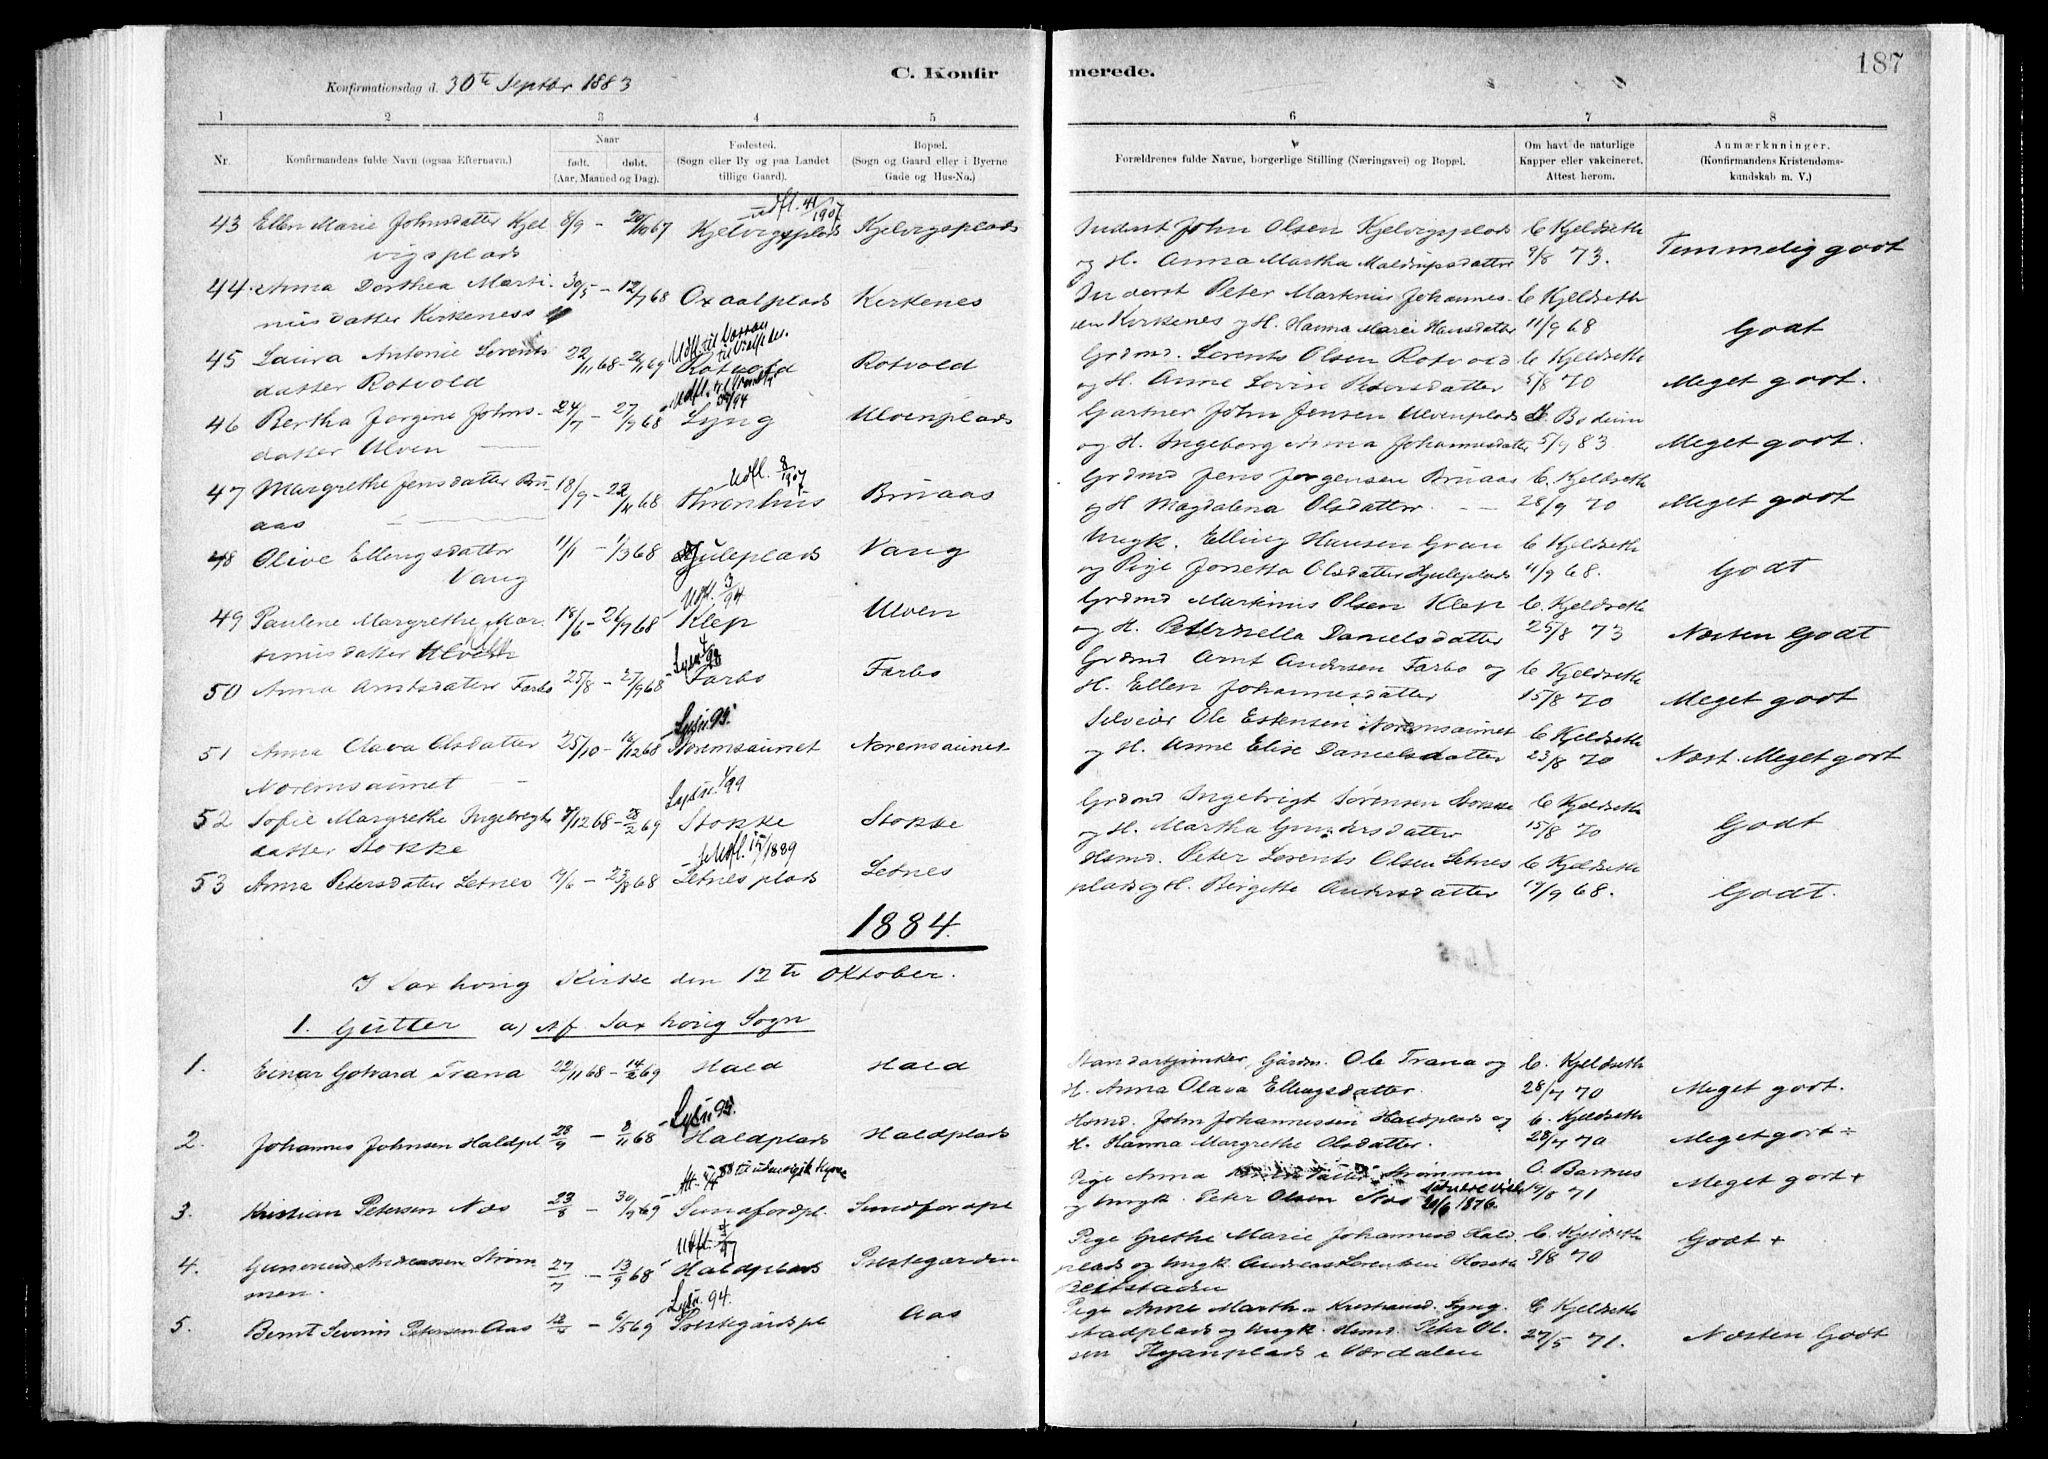 SAT, Ministerialprotokoller, klokkerbøker og fødselsregistre - Nord-Trøndelag, 730/L0285: Ministerialbok nr. 730A10, 1879-1914, s. 187